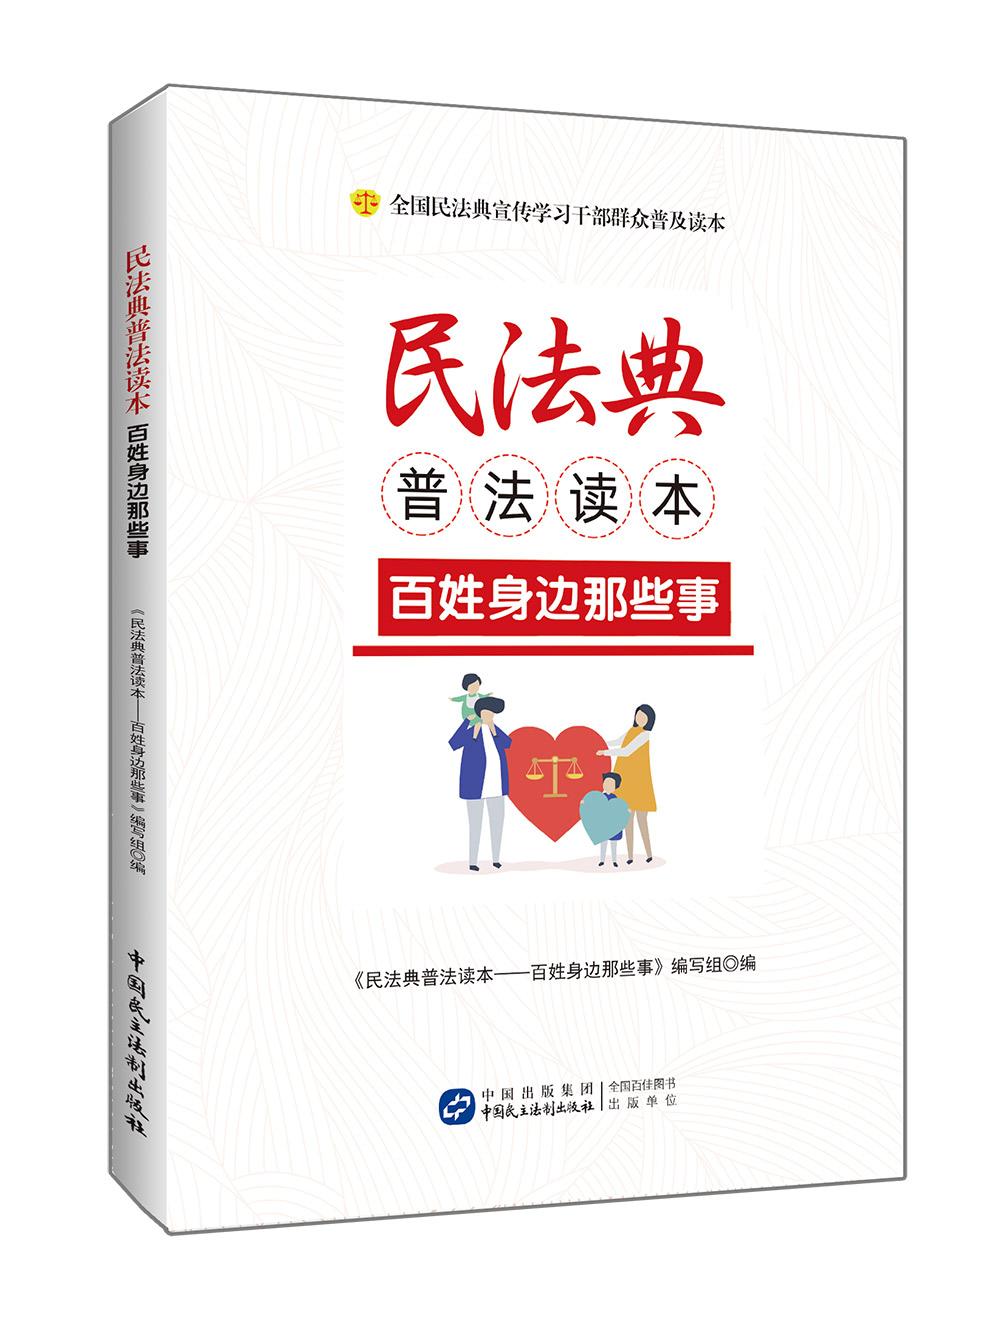 民法典百姓读本.jpg